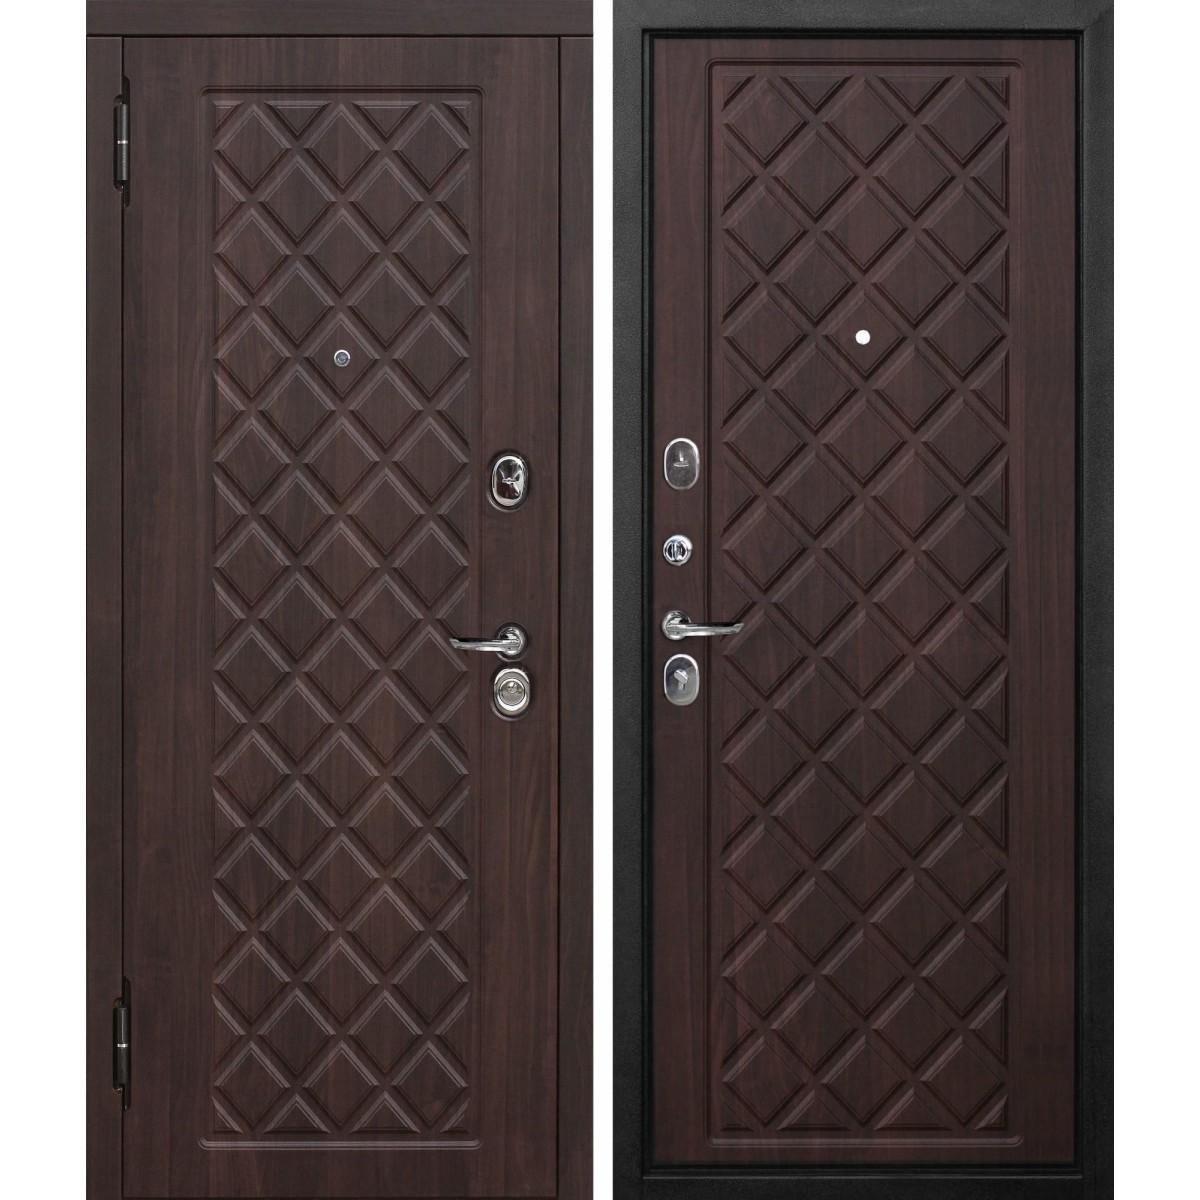 Дверь входная металлическая Kamelot Винорит Вишня темная 860х2050 мм левая